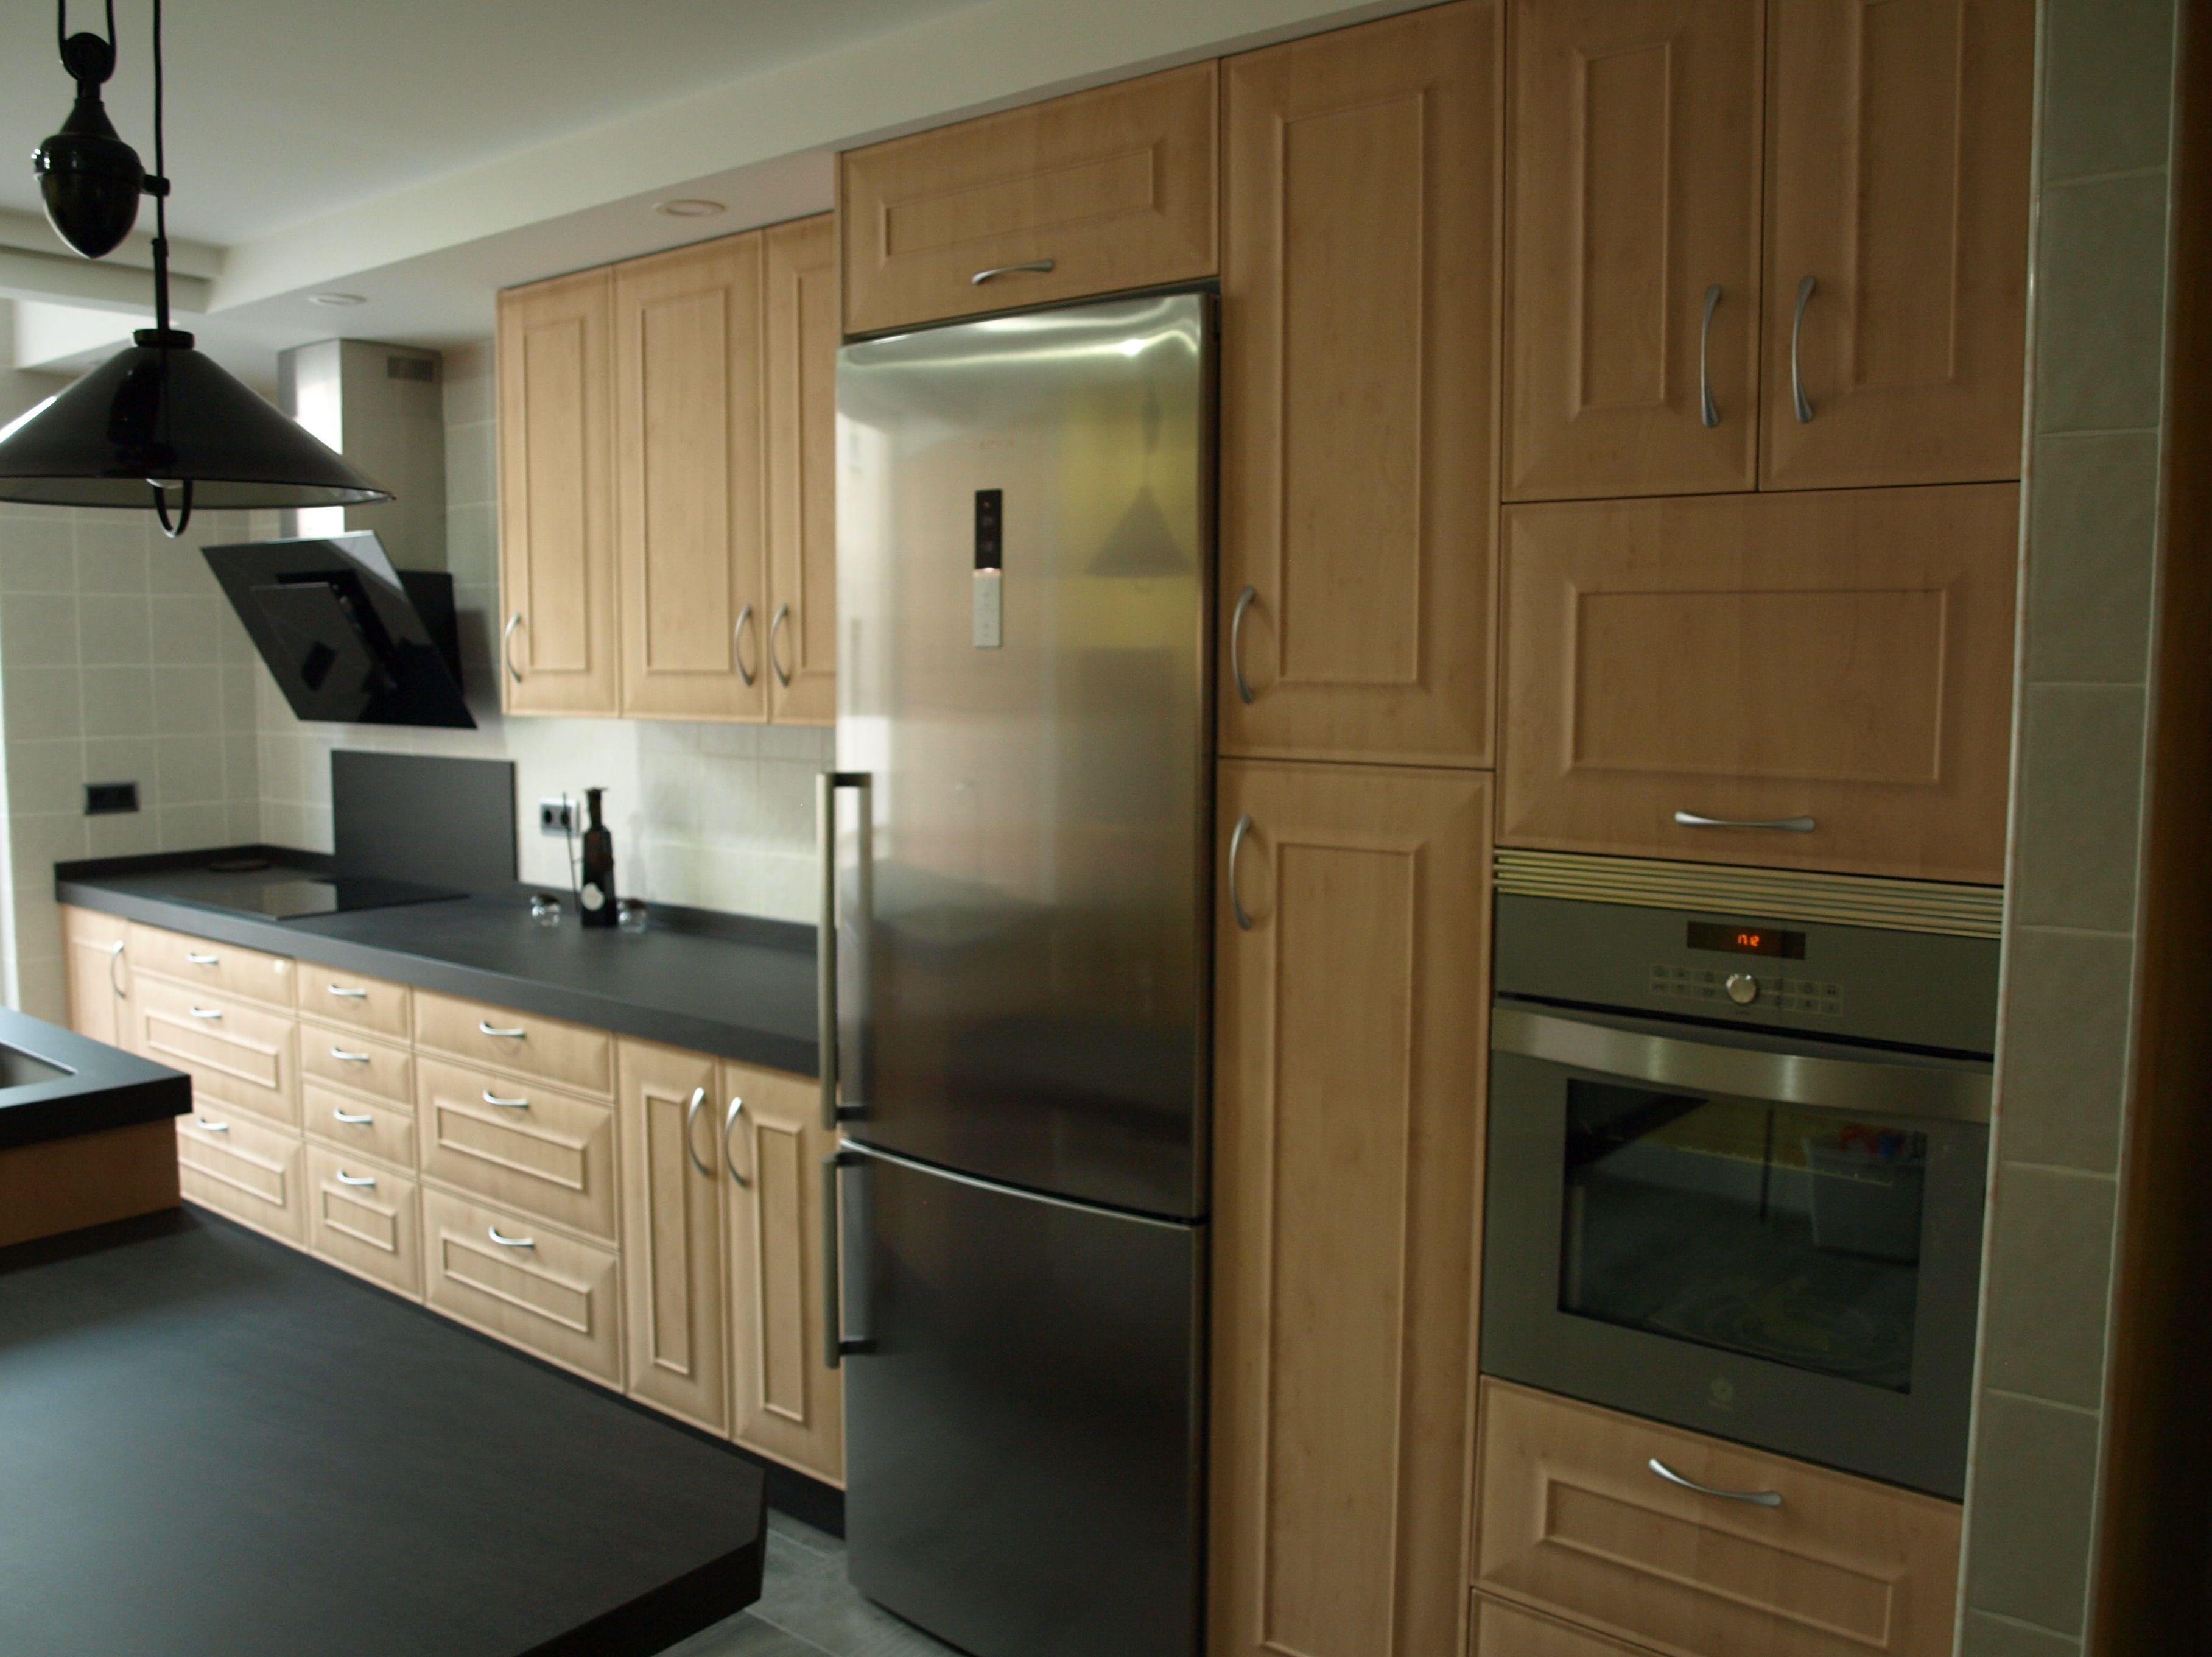 Tiendas de electrodom sticos en alcal de henares for Muebles de cocina alcala de henares